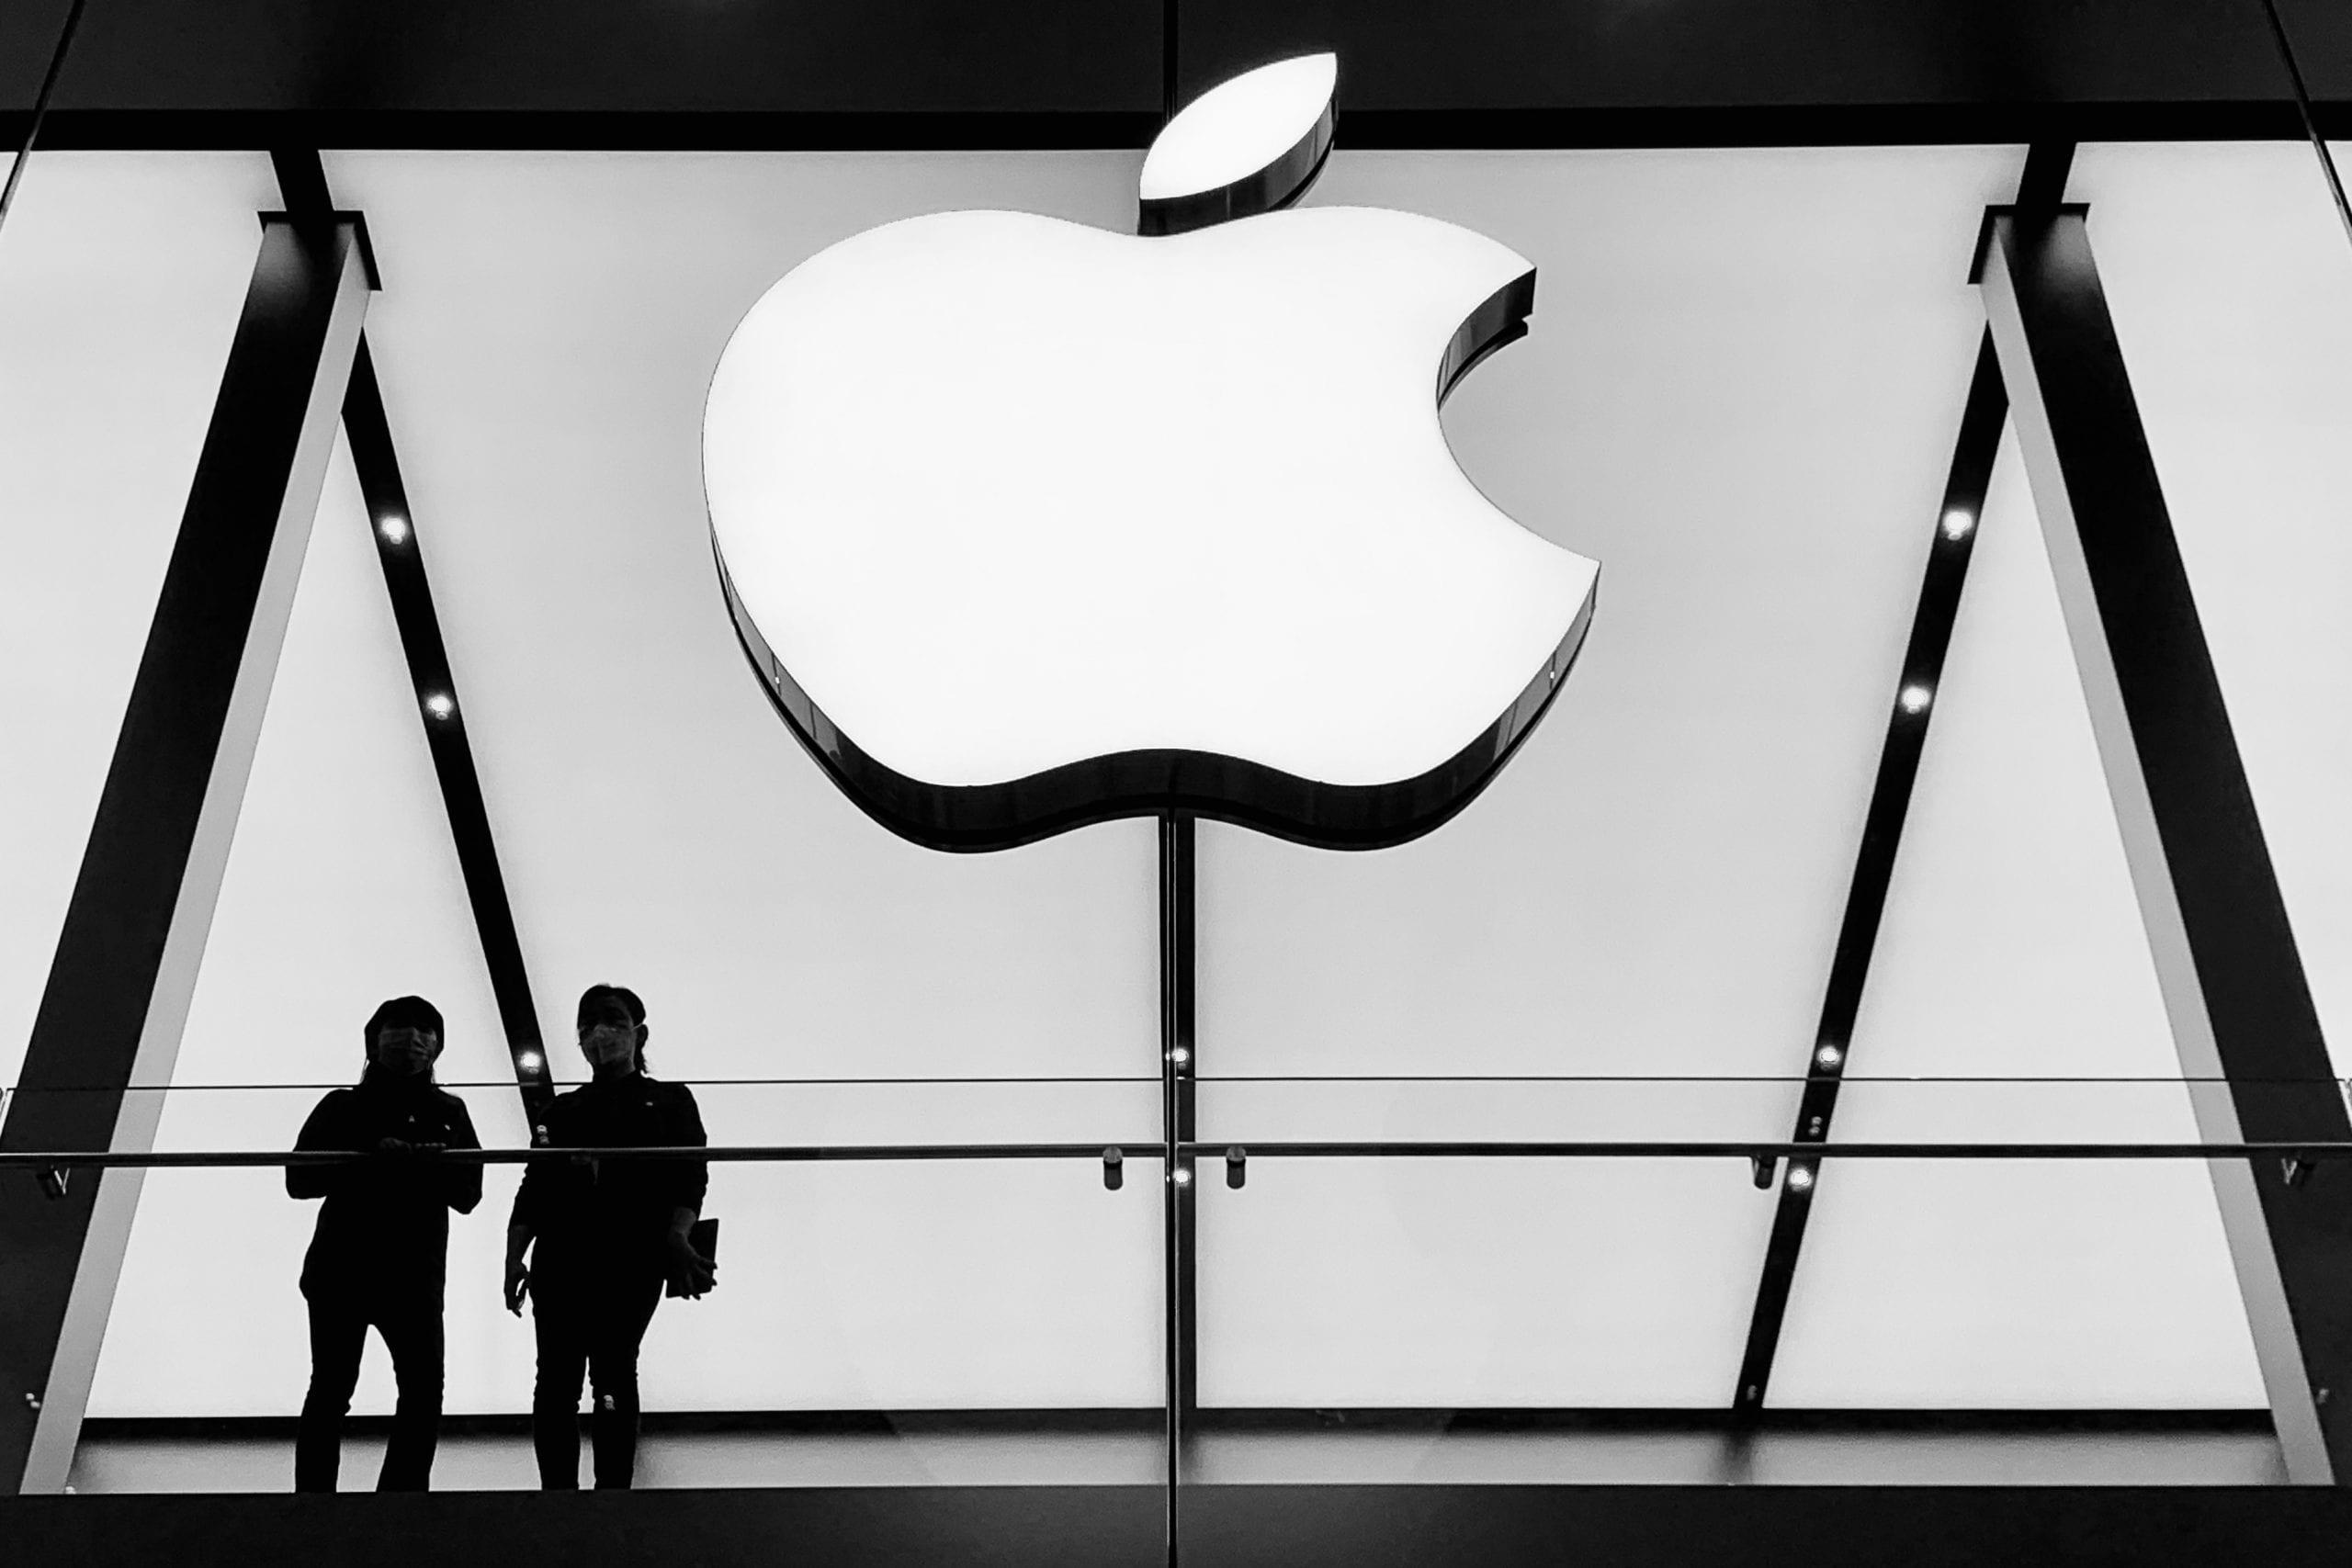 Apple empezará a implementar nuevas notificaciones de privacidad - Forbes  Colombia